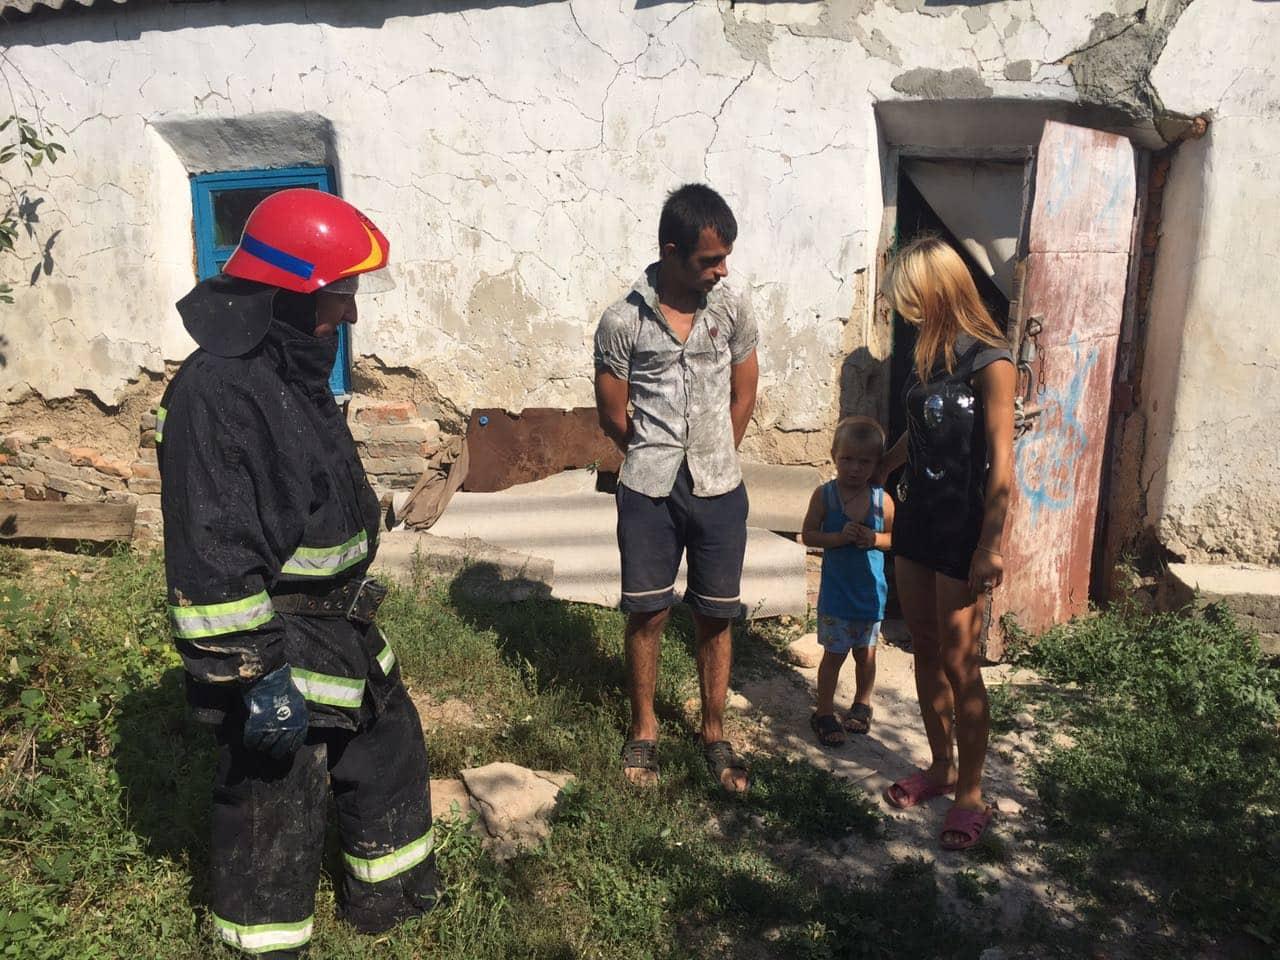 Детская шалость: игры детей привели к масштабному пожару. Новости Днепра